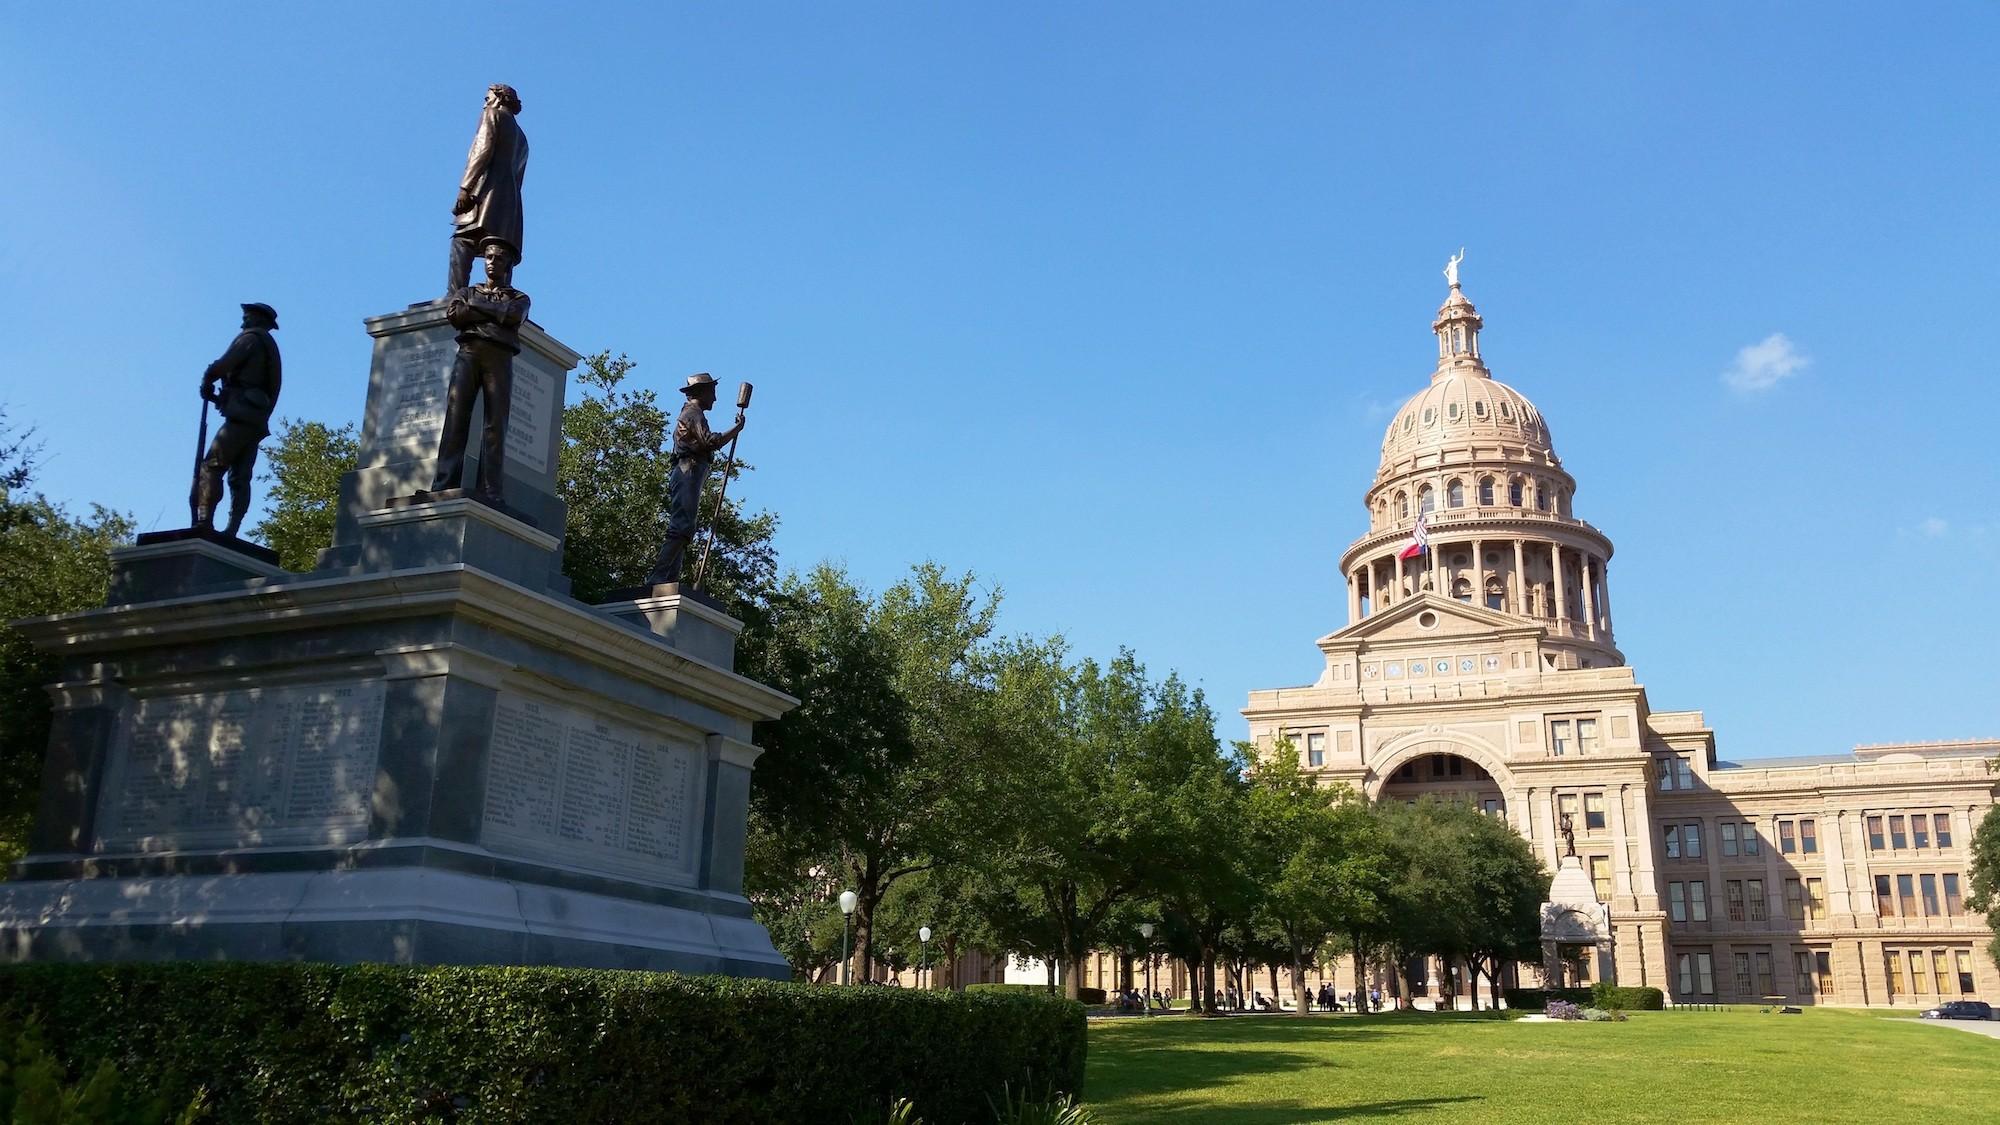 Cpaitol Building, Austin, Texas